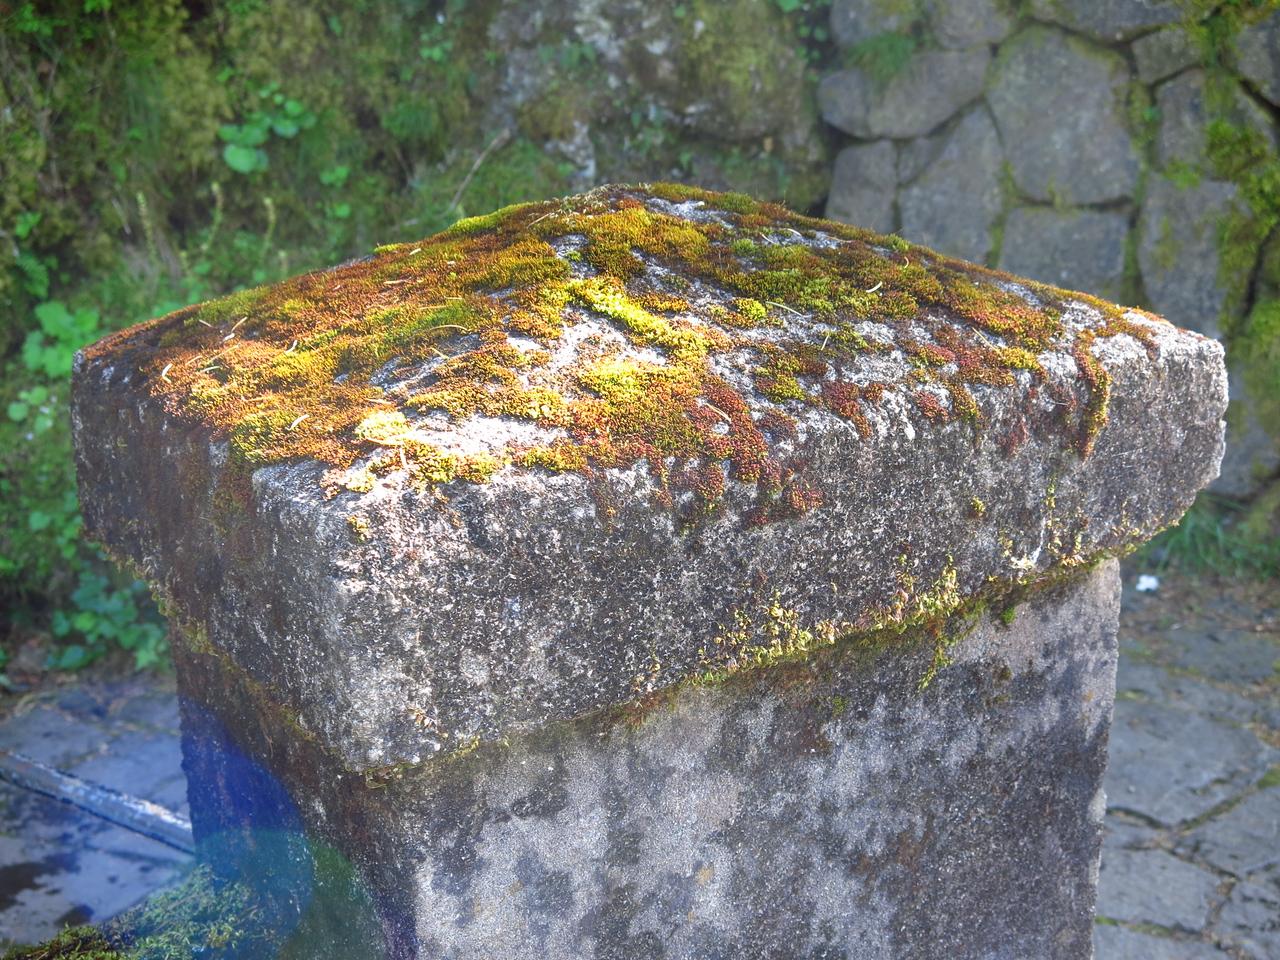 Muticolored Moss